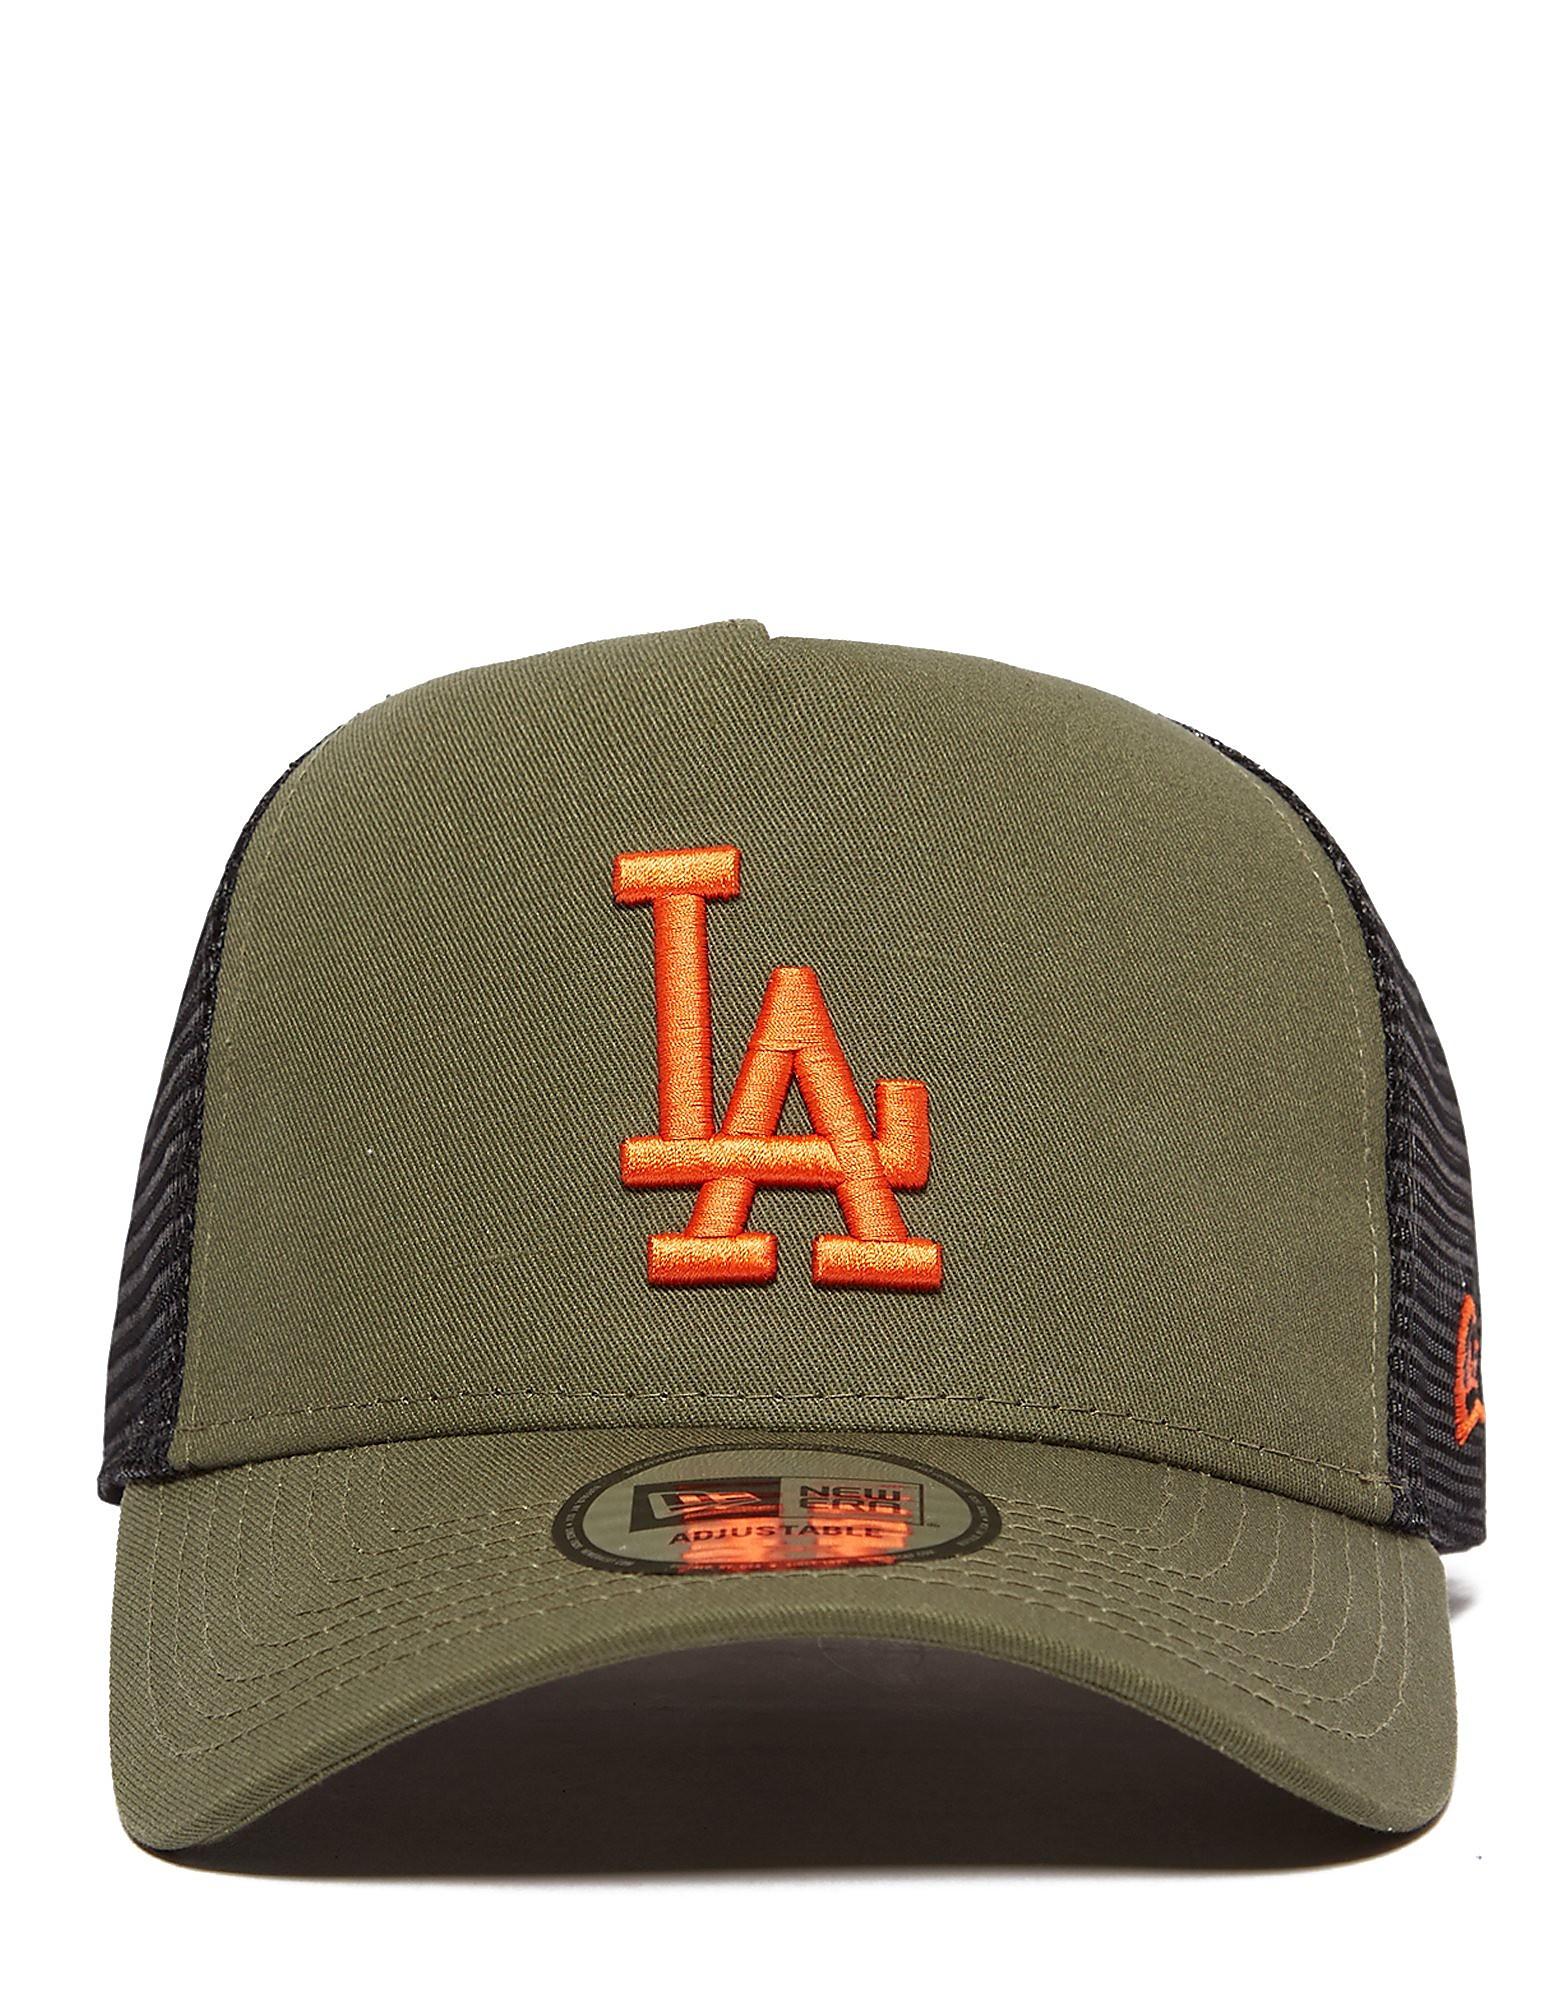 New Era LA Dodgers Trucker Cap